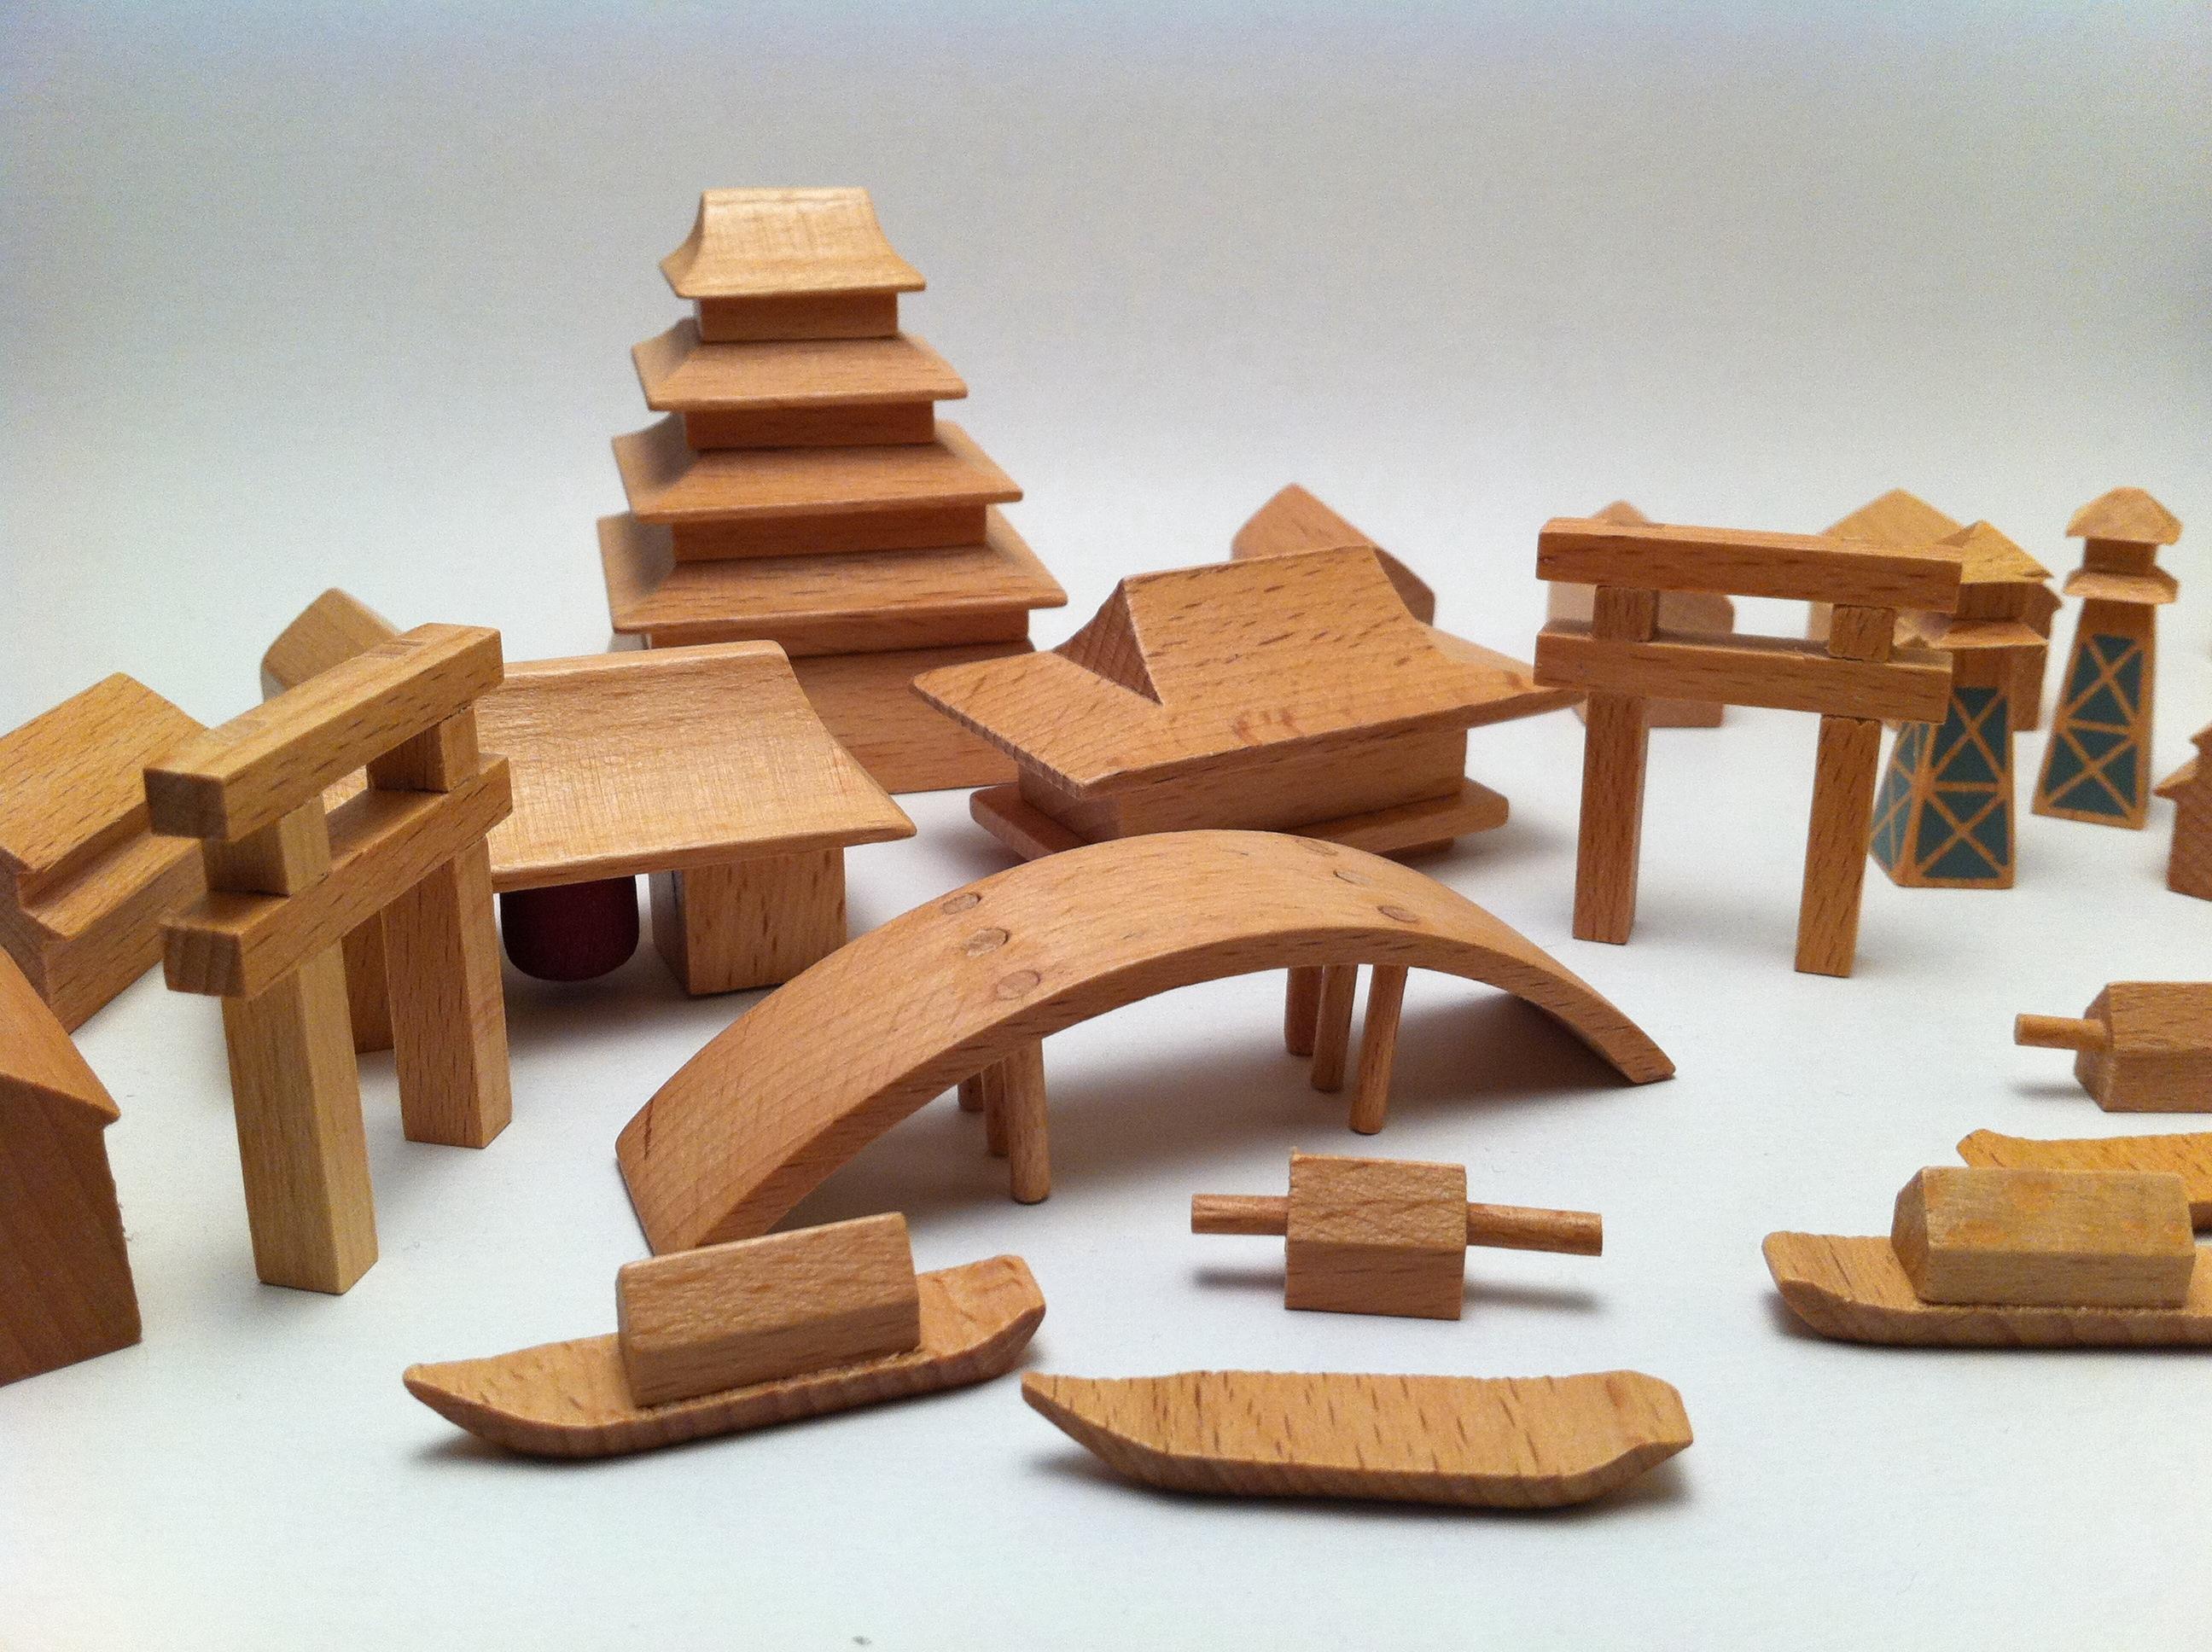 Juguetes de madera 2